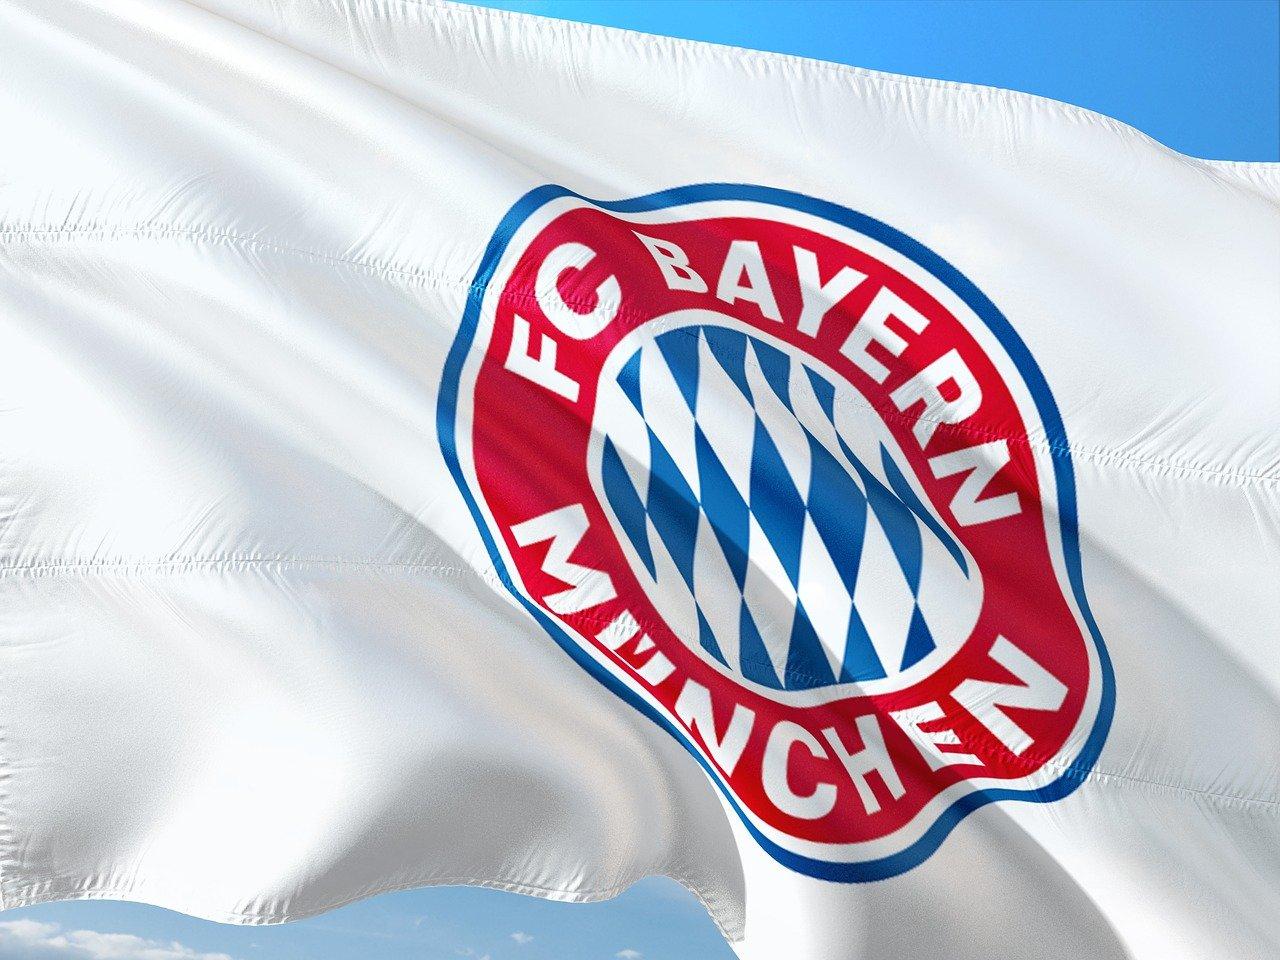 Fußballverein FC Bayern München